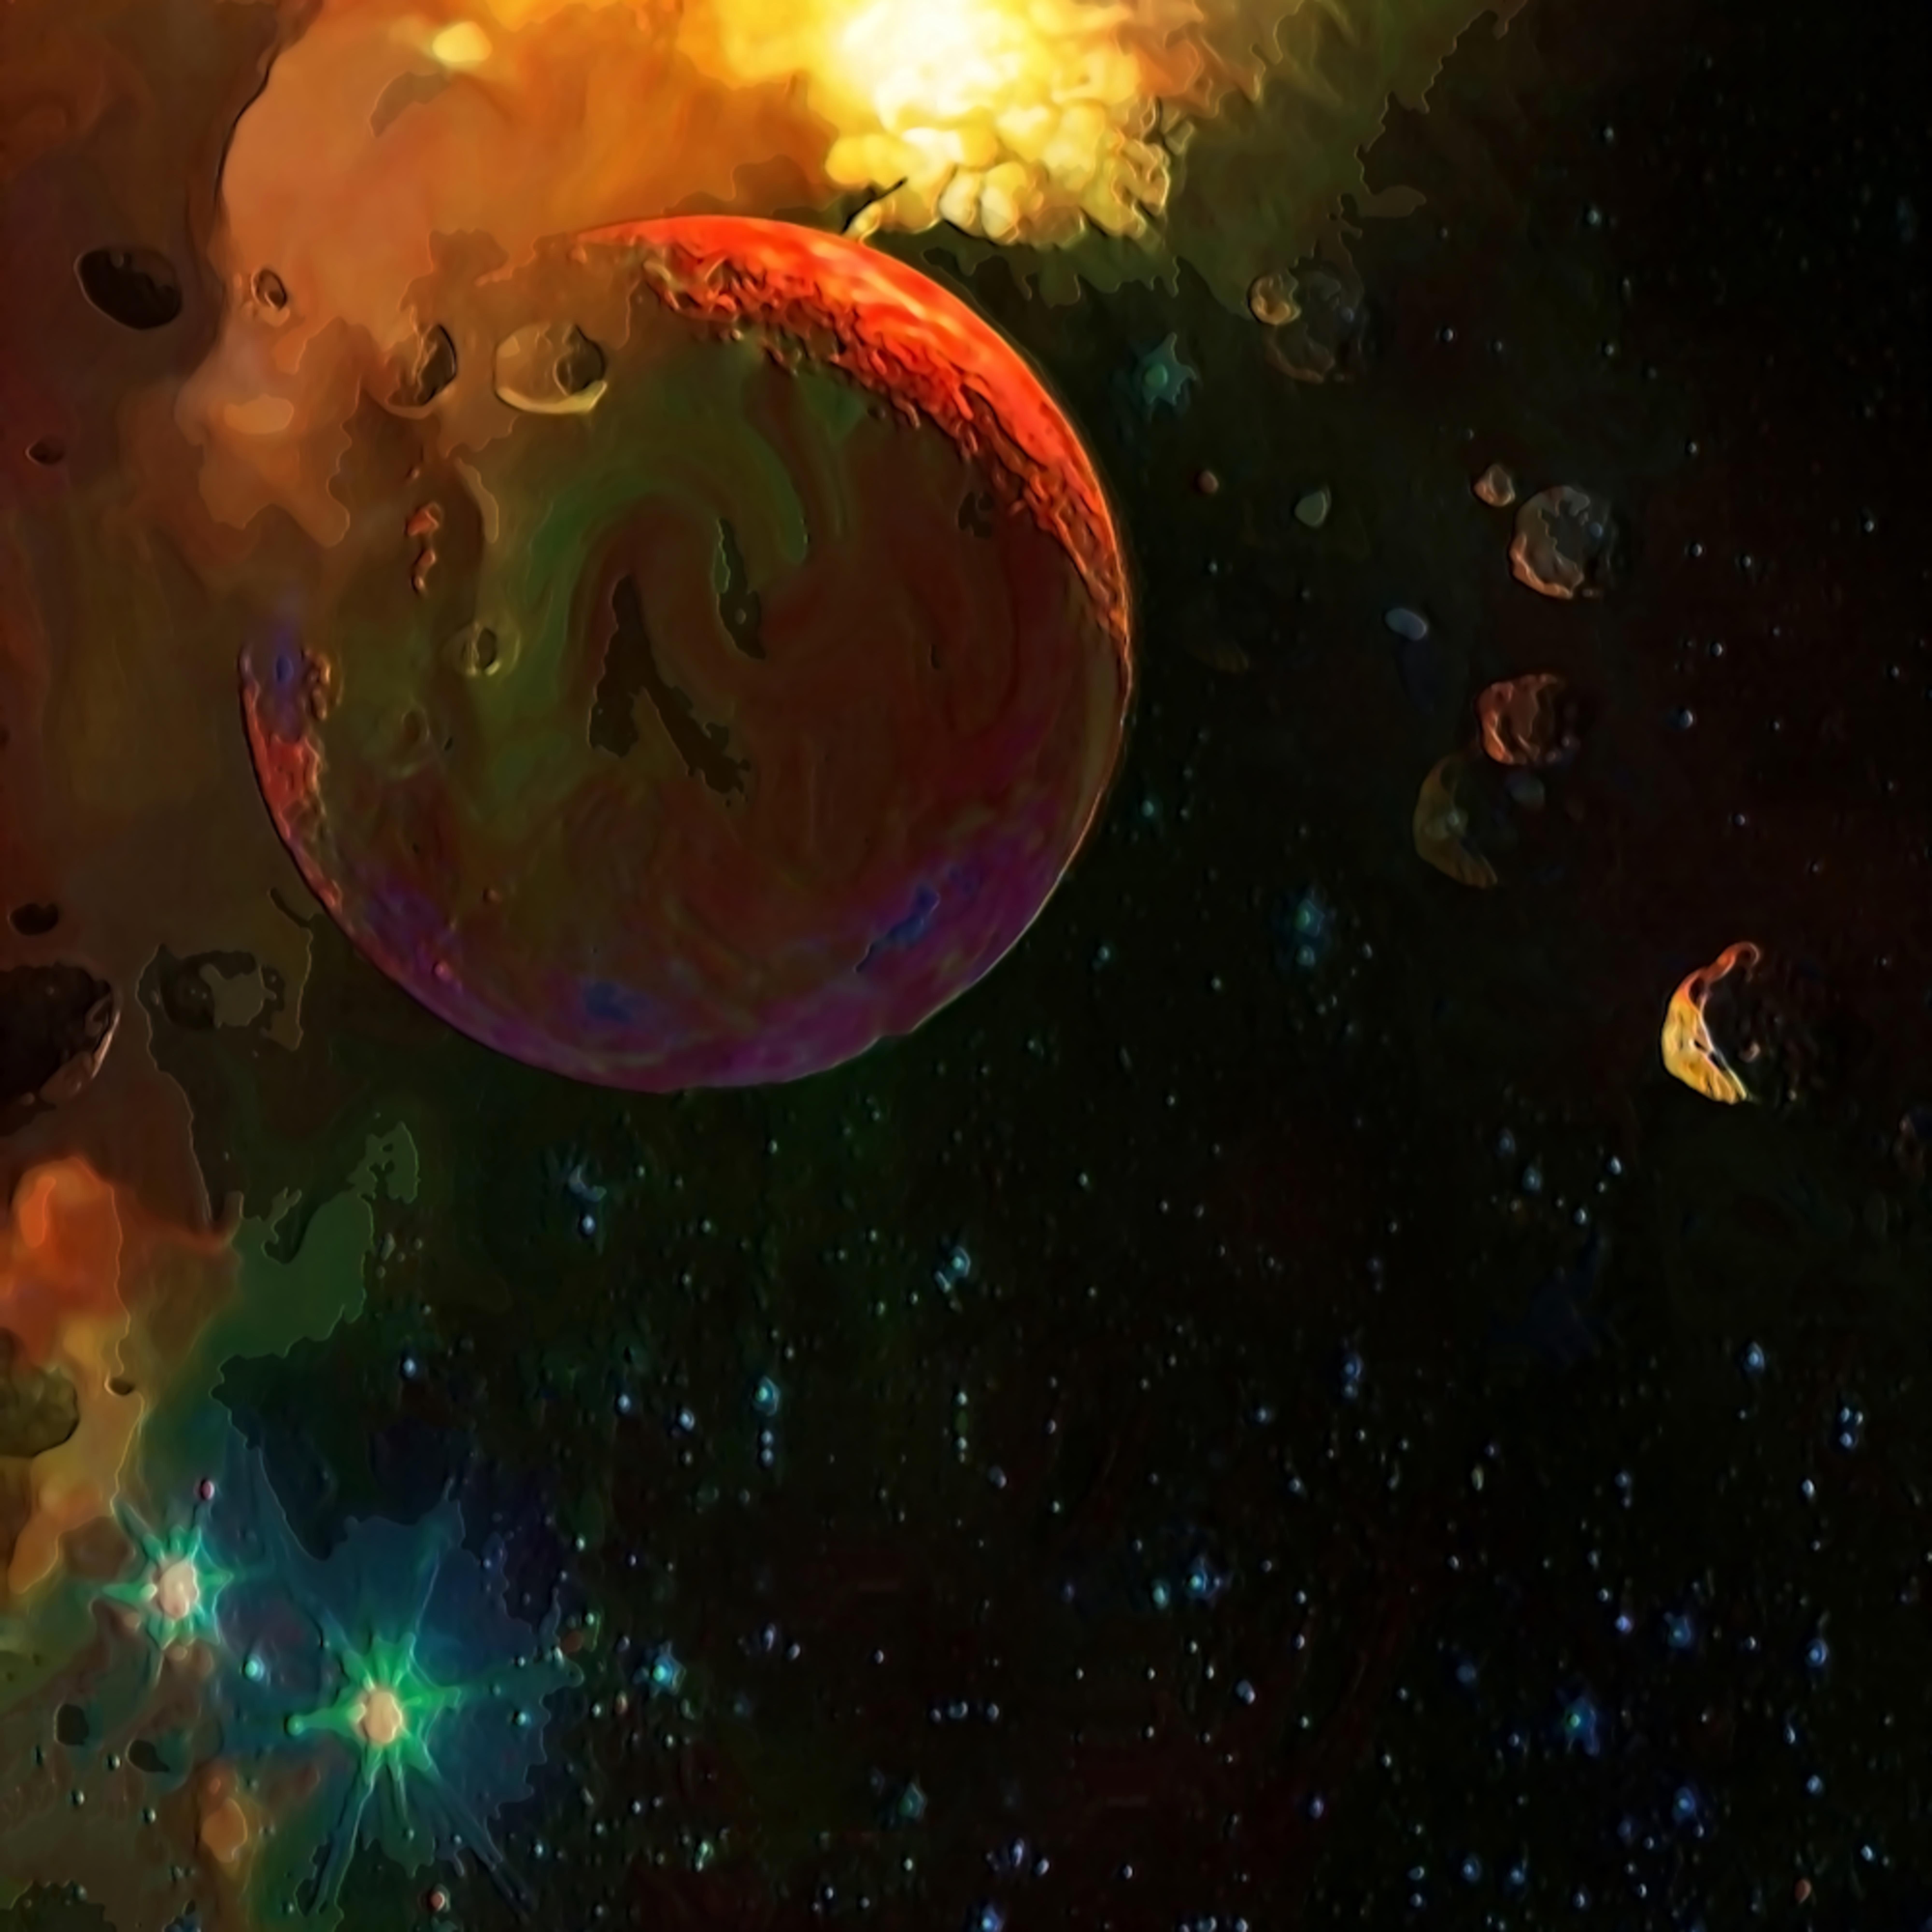 Cataclysym in space walfju